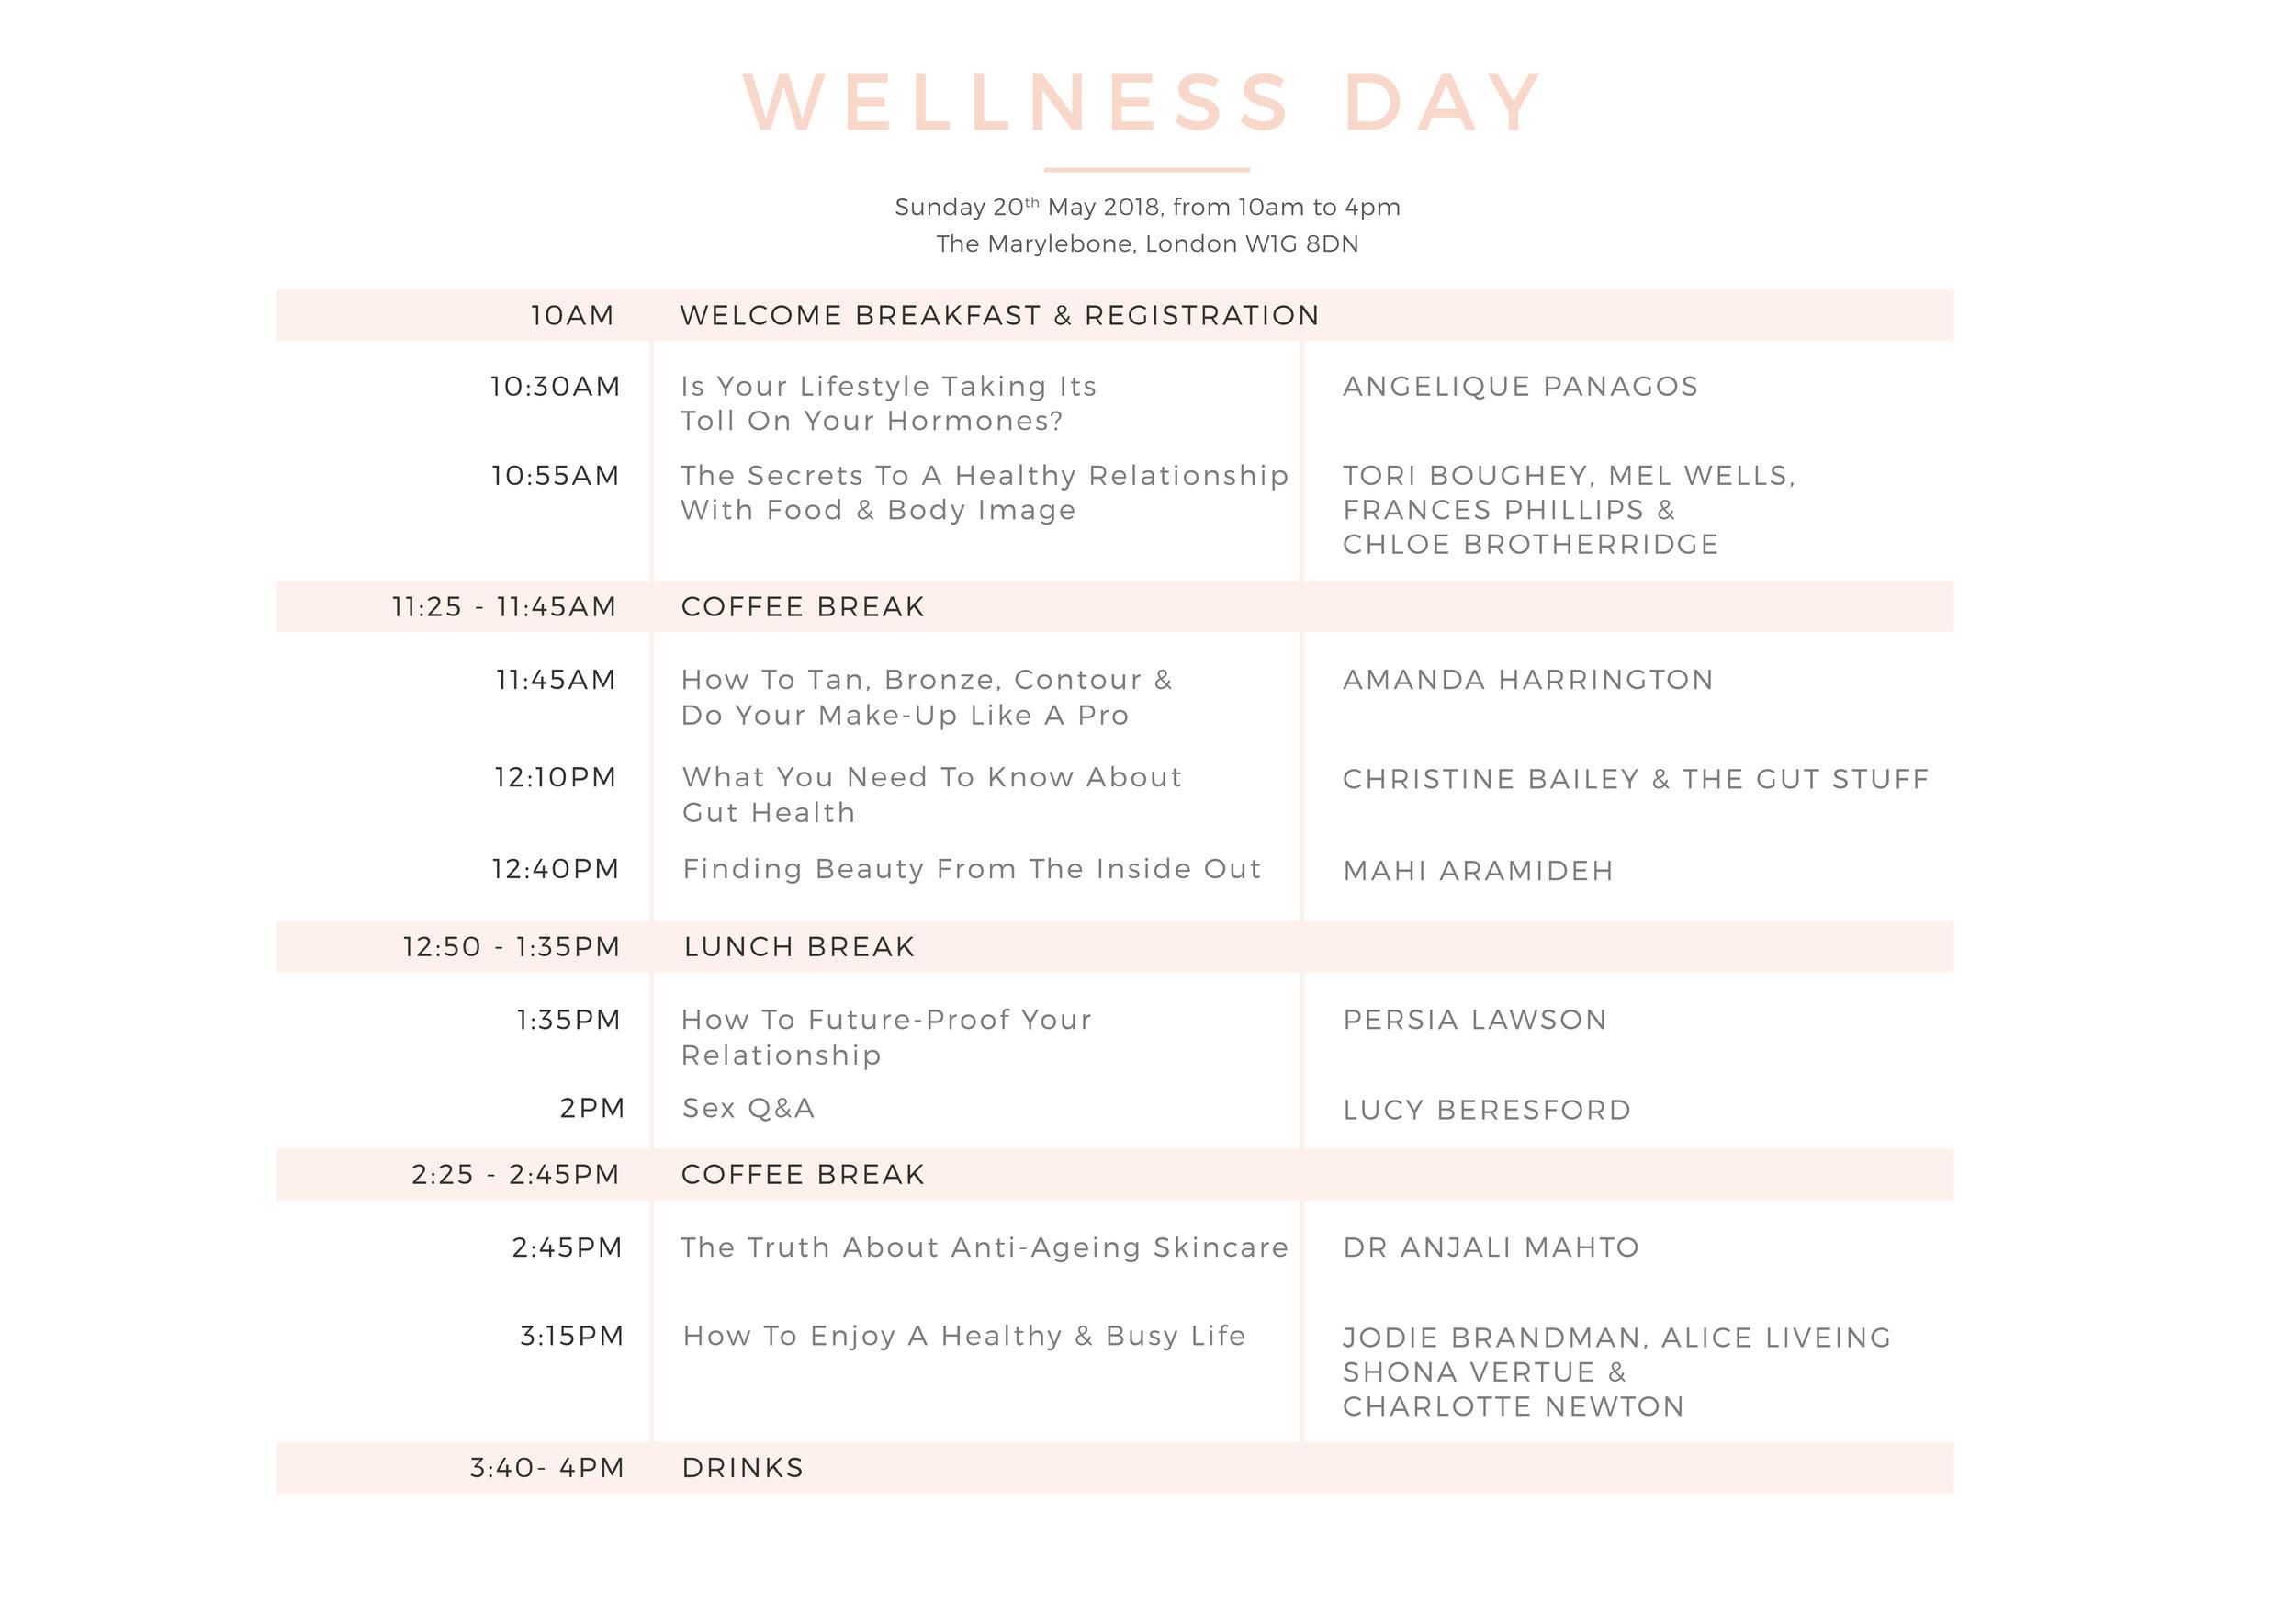 Final-Agenda-Wellness-Day-2018.jpg